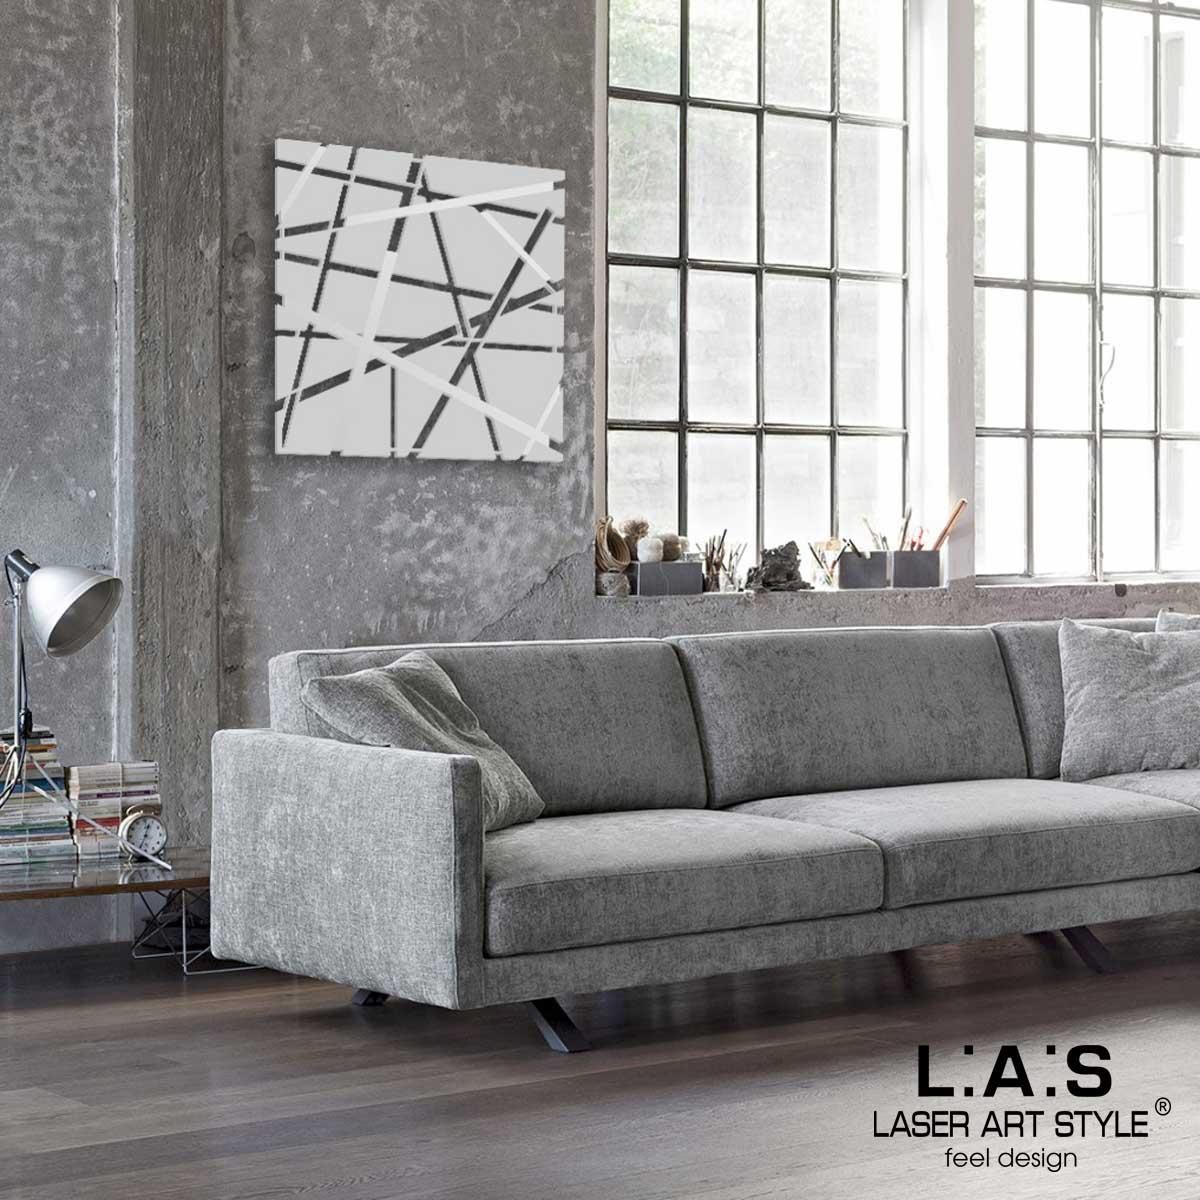 L:A:S - Laser Art Style - QUADRO MODERNO DESIGN MINIMAL SI-095 GRIGIO LUCE